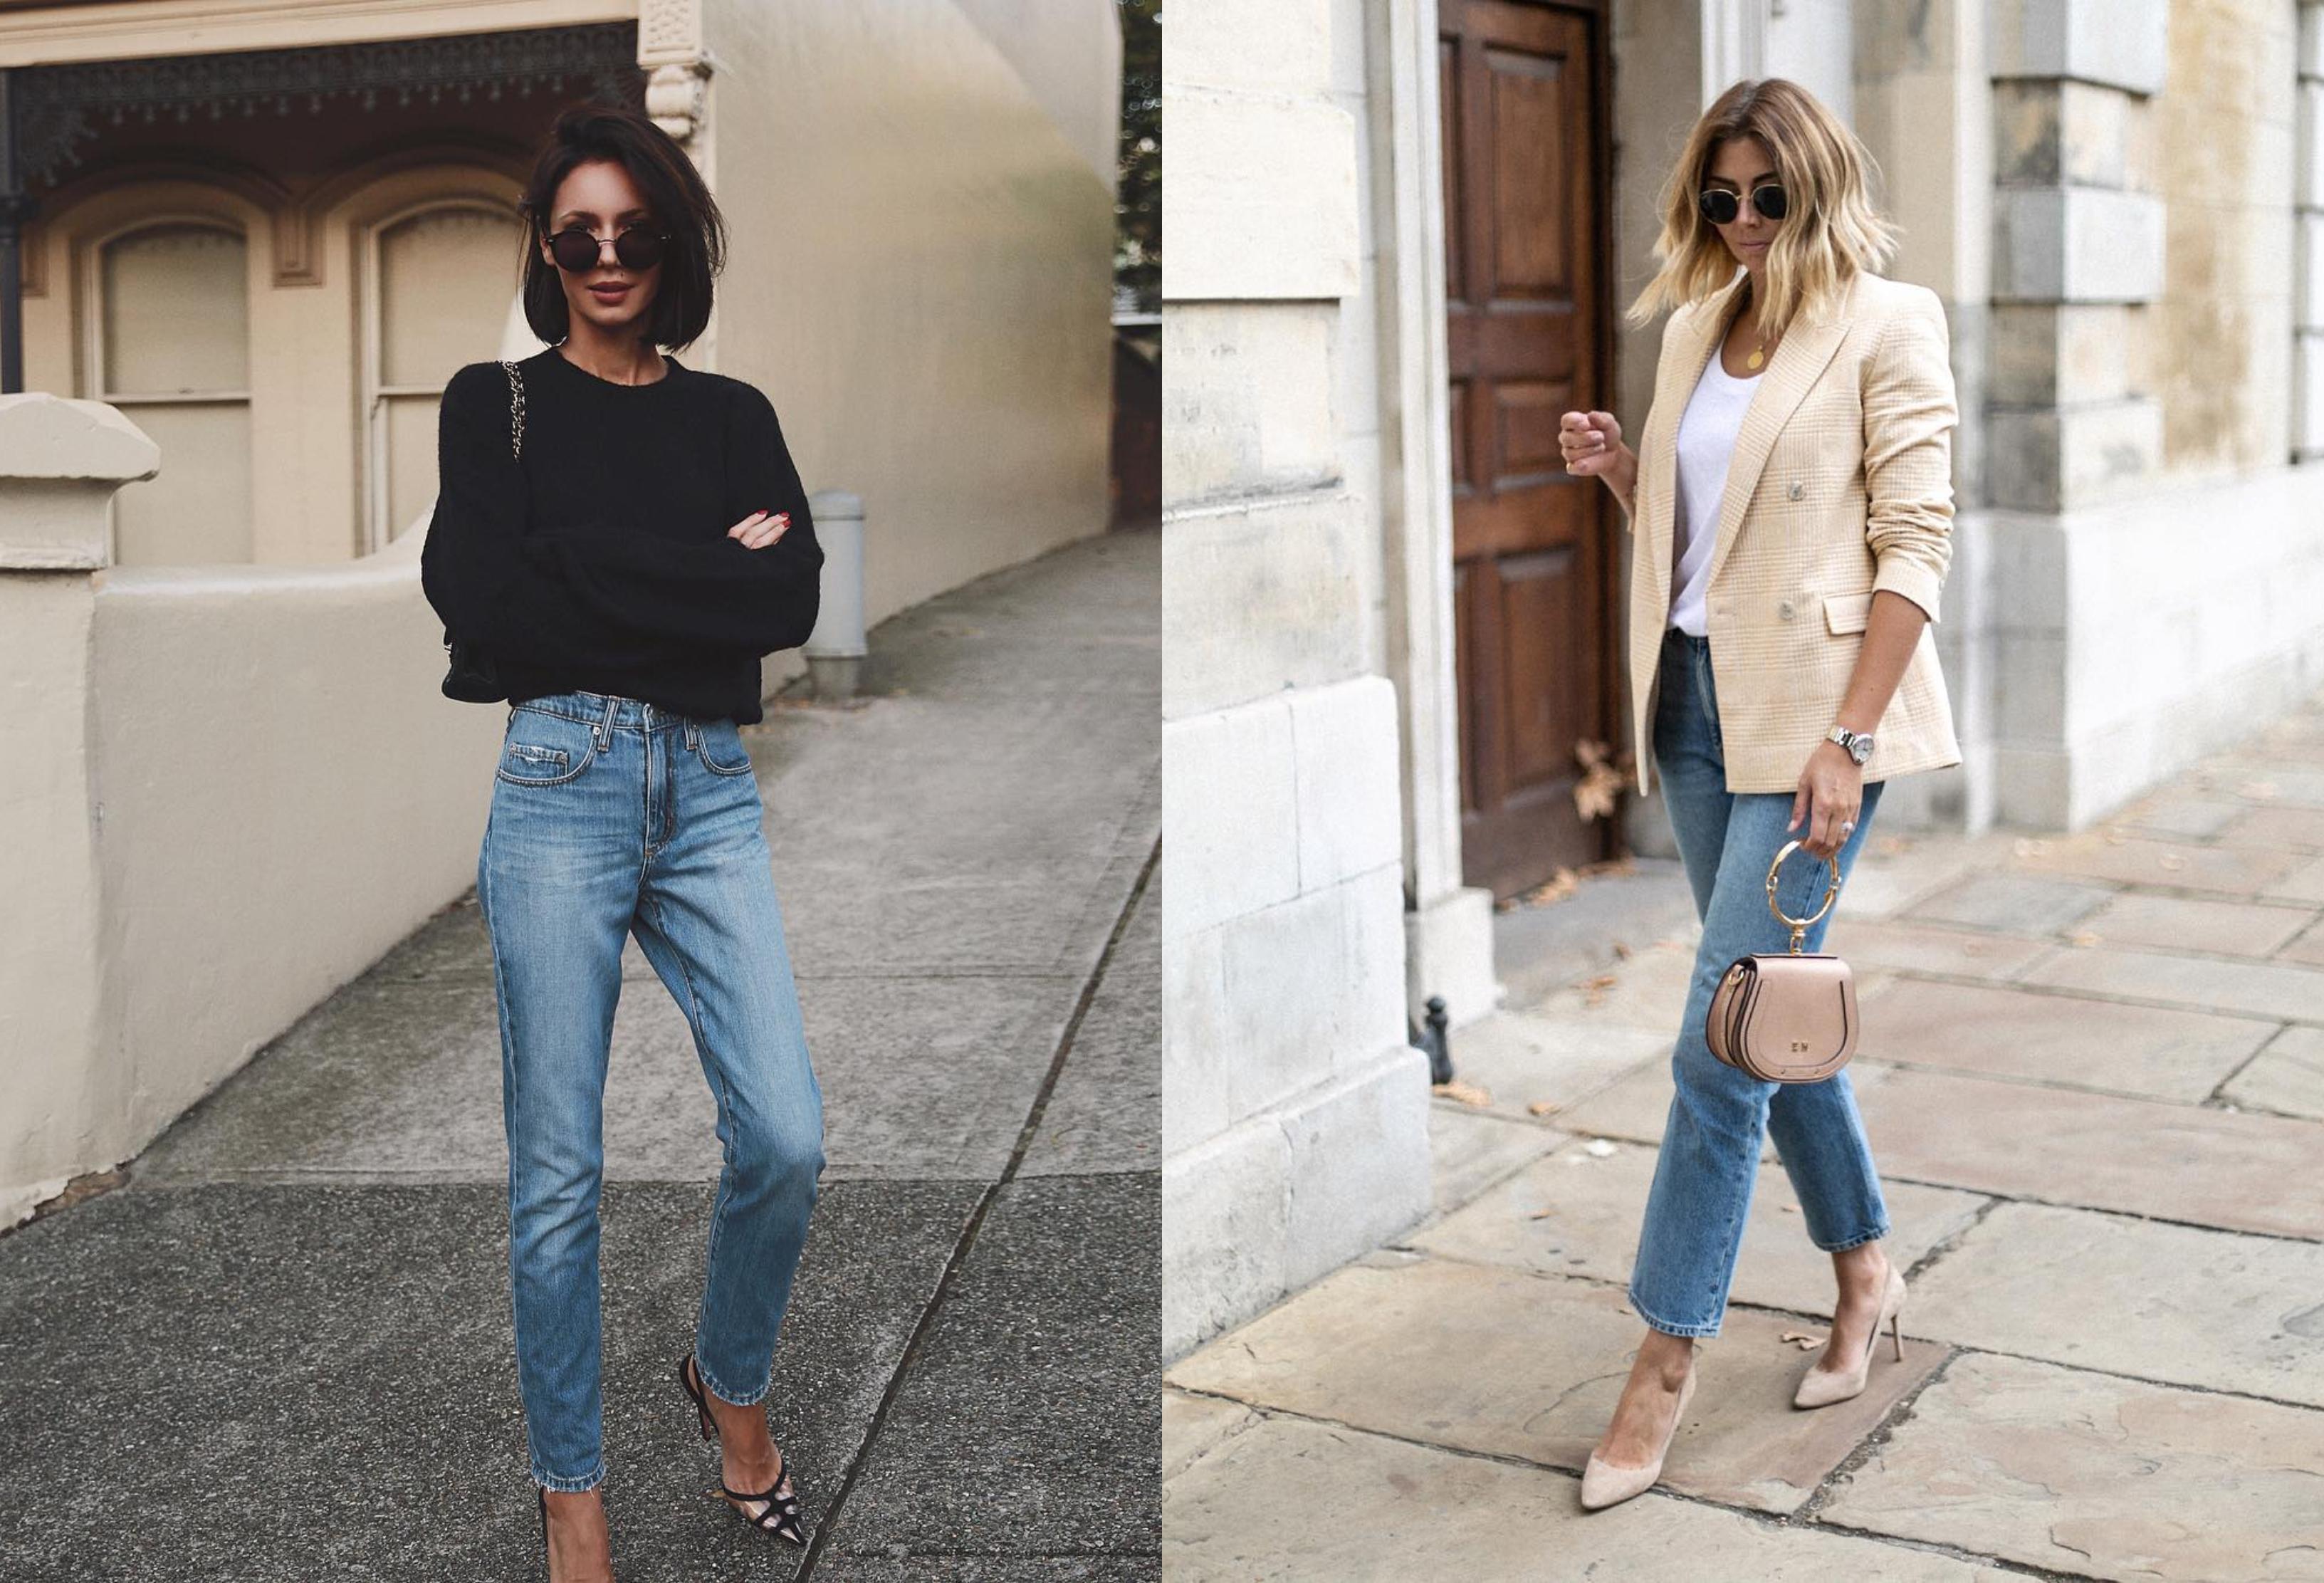 Koje modele traperica izabrati za jesen?